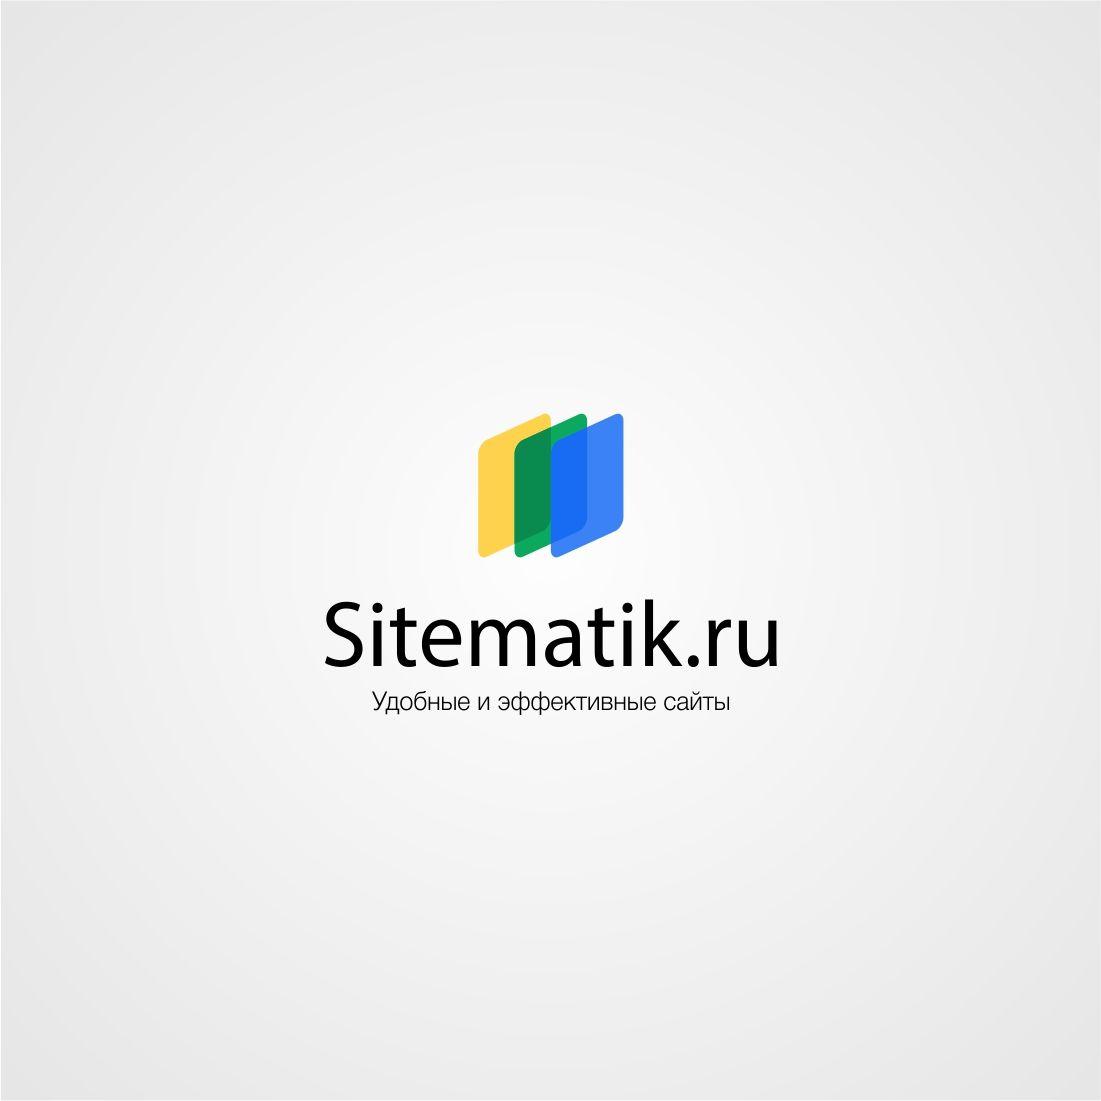 Логотип для Веб-студии - дизайнер TVdesign